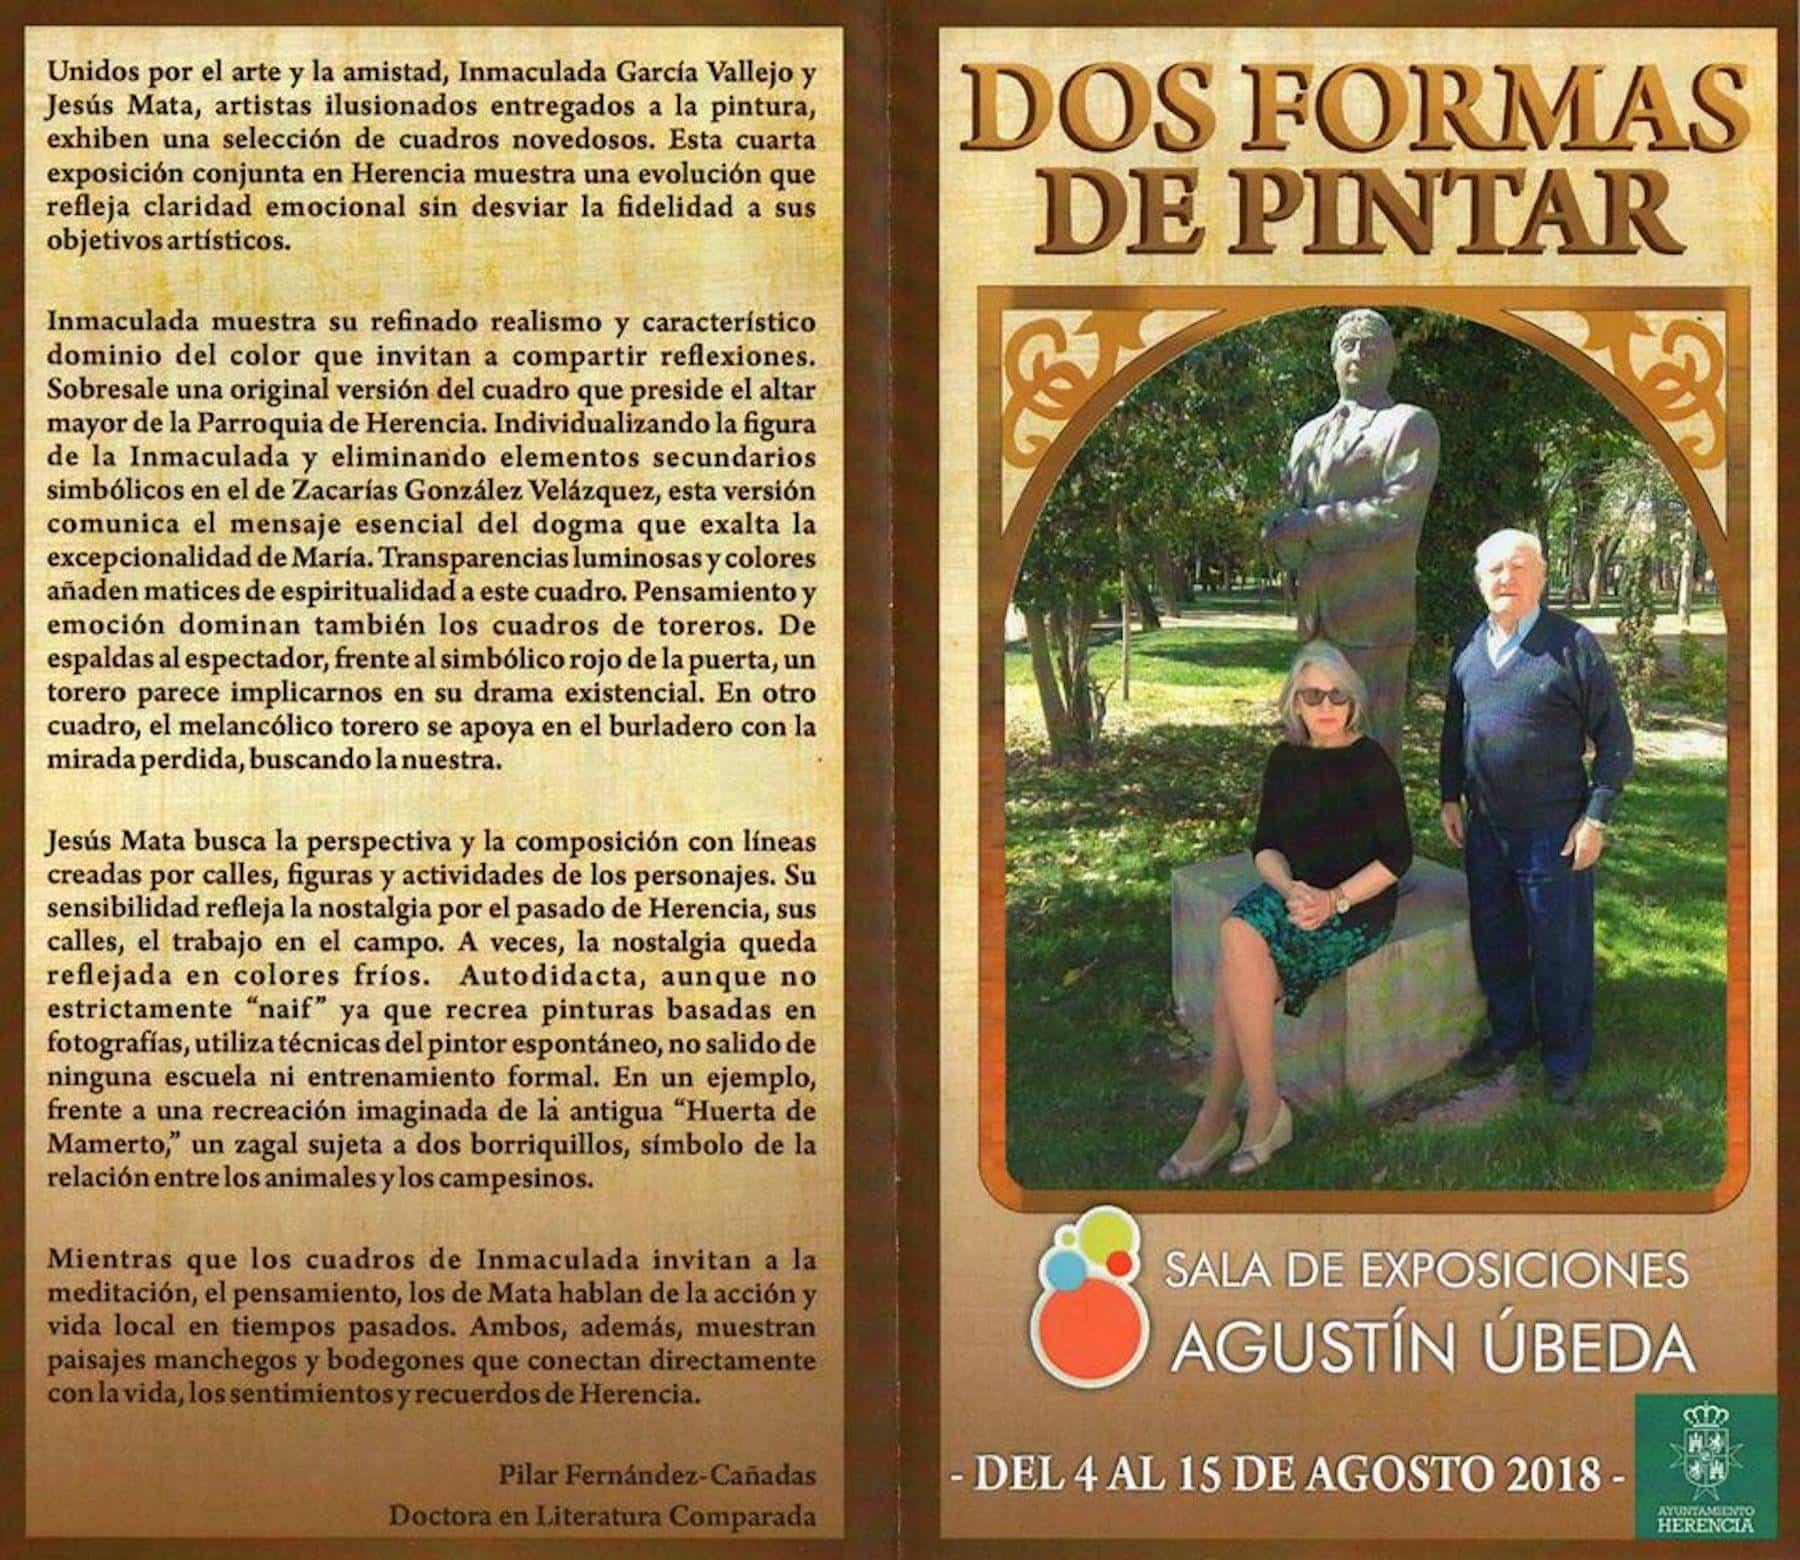 """diptico dos formas de pintar herencia - Inauguración de la exposición """"Dos formas de pintar"""" el sábado 4 de agosto"""